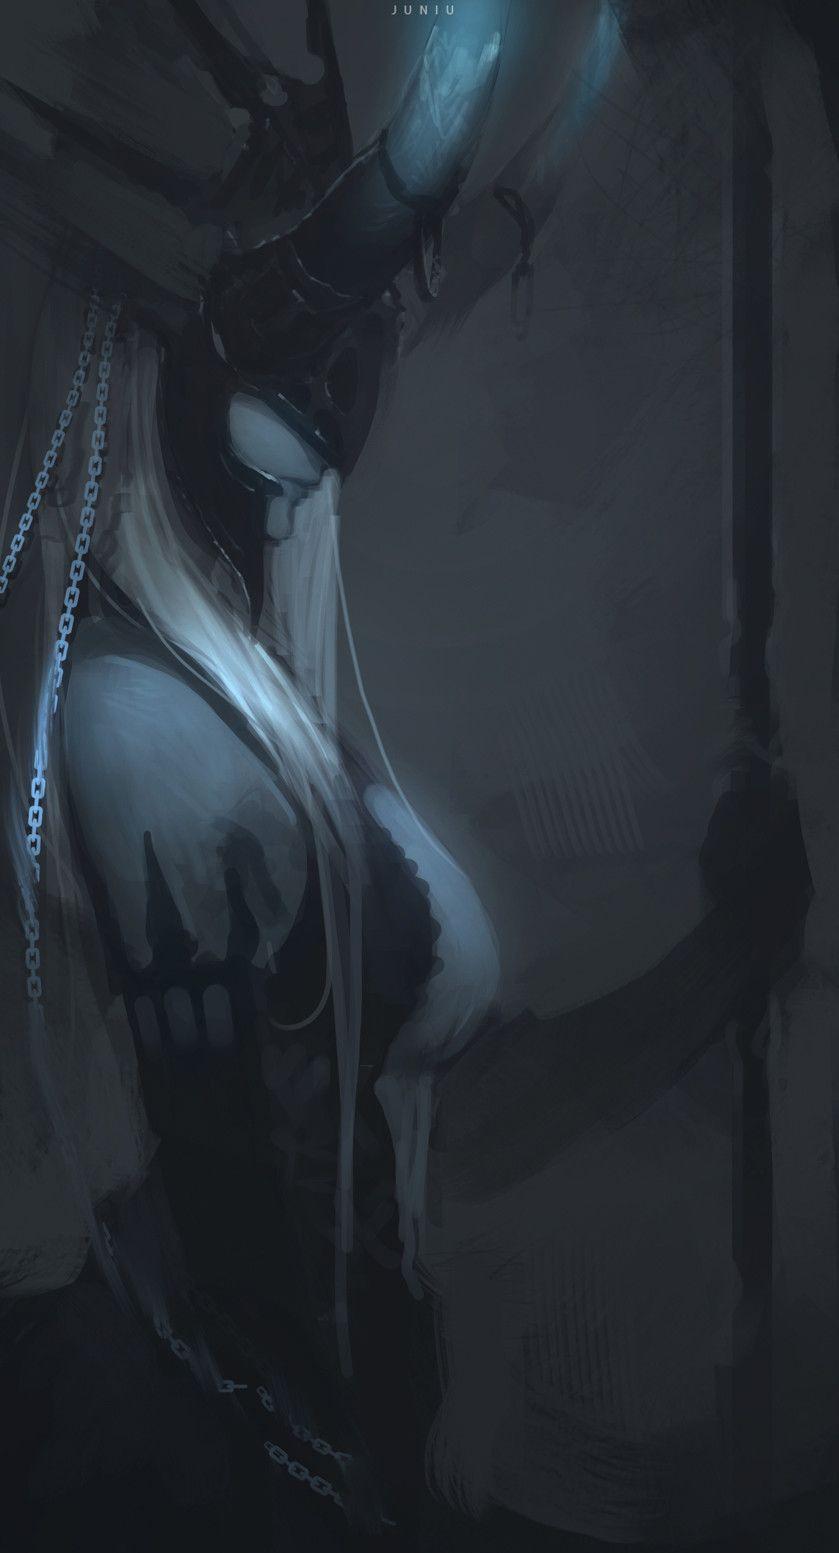 queen legion ben juniu on artstation at https www artstation com